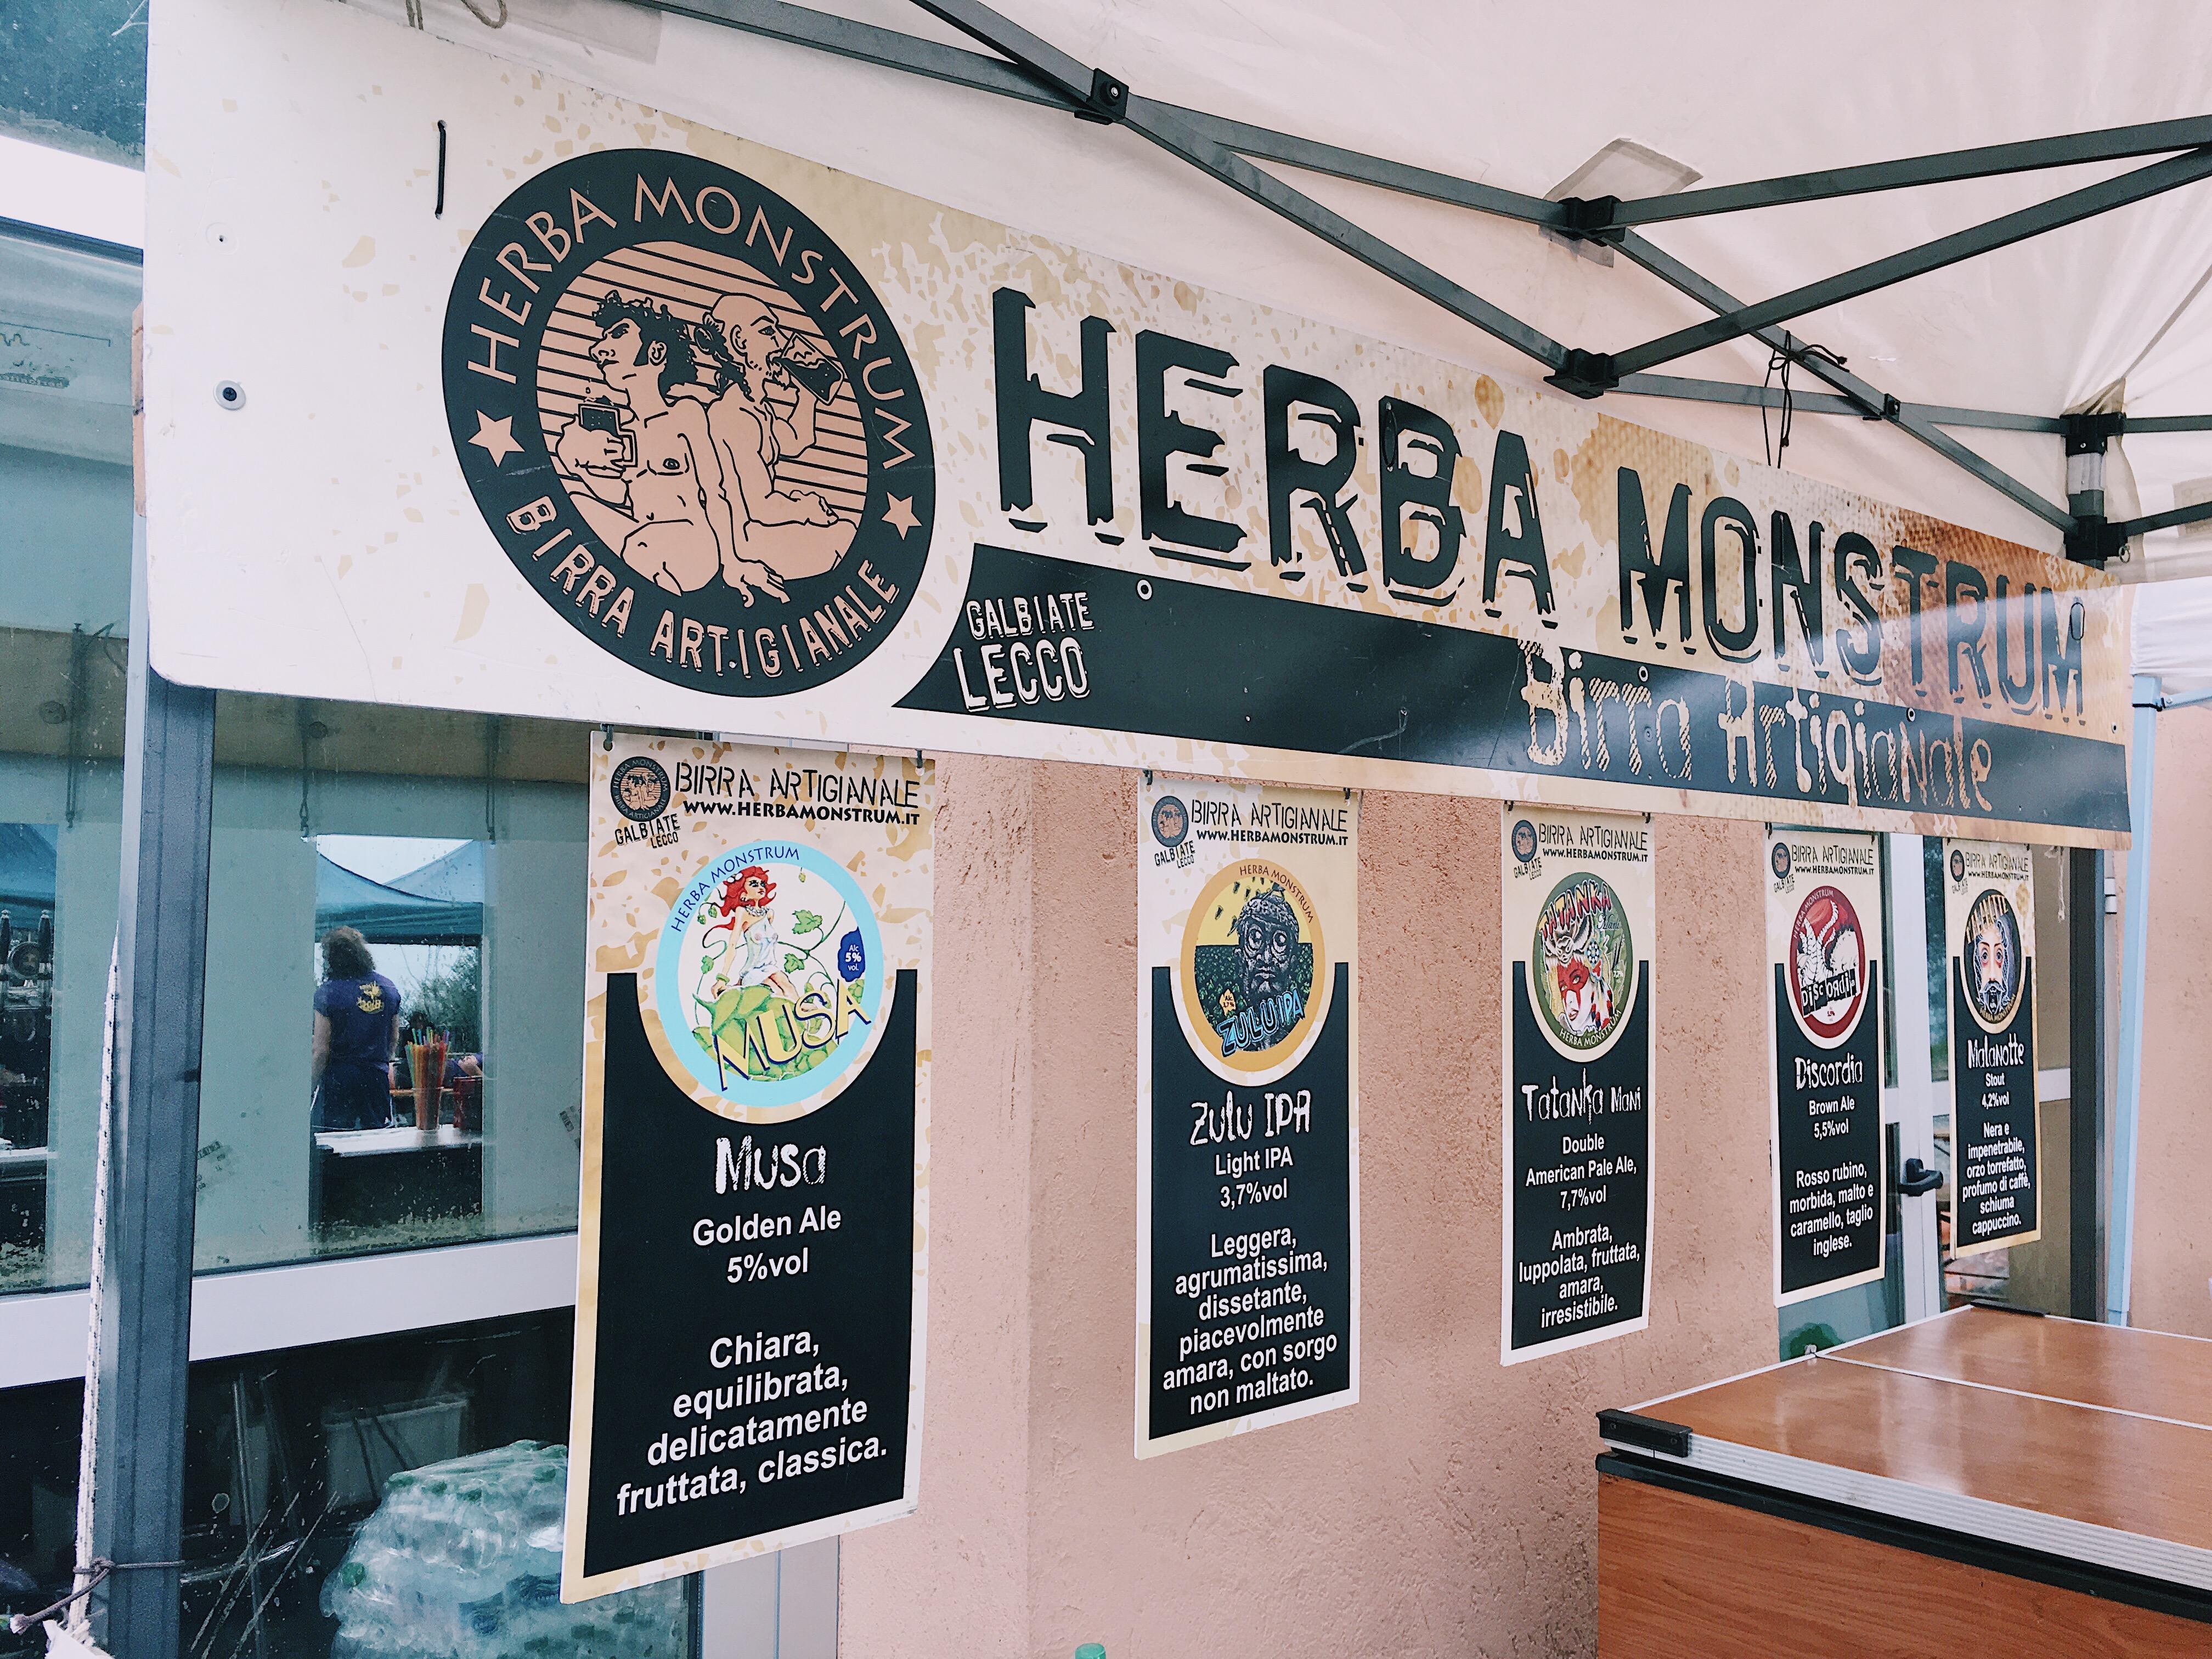 Le birre artigianali di Herba Monstrum Brewery al Valma Street Block, Civate Edition - 7 aprile 2018